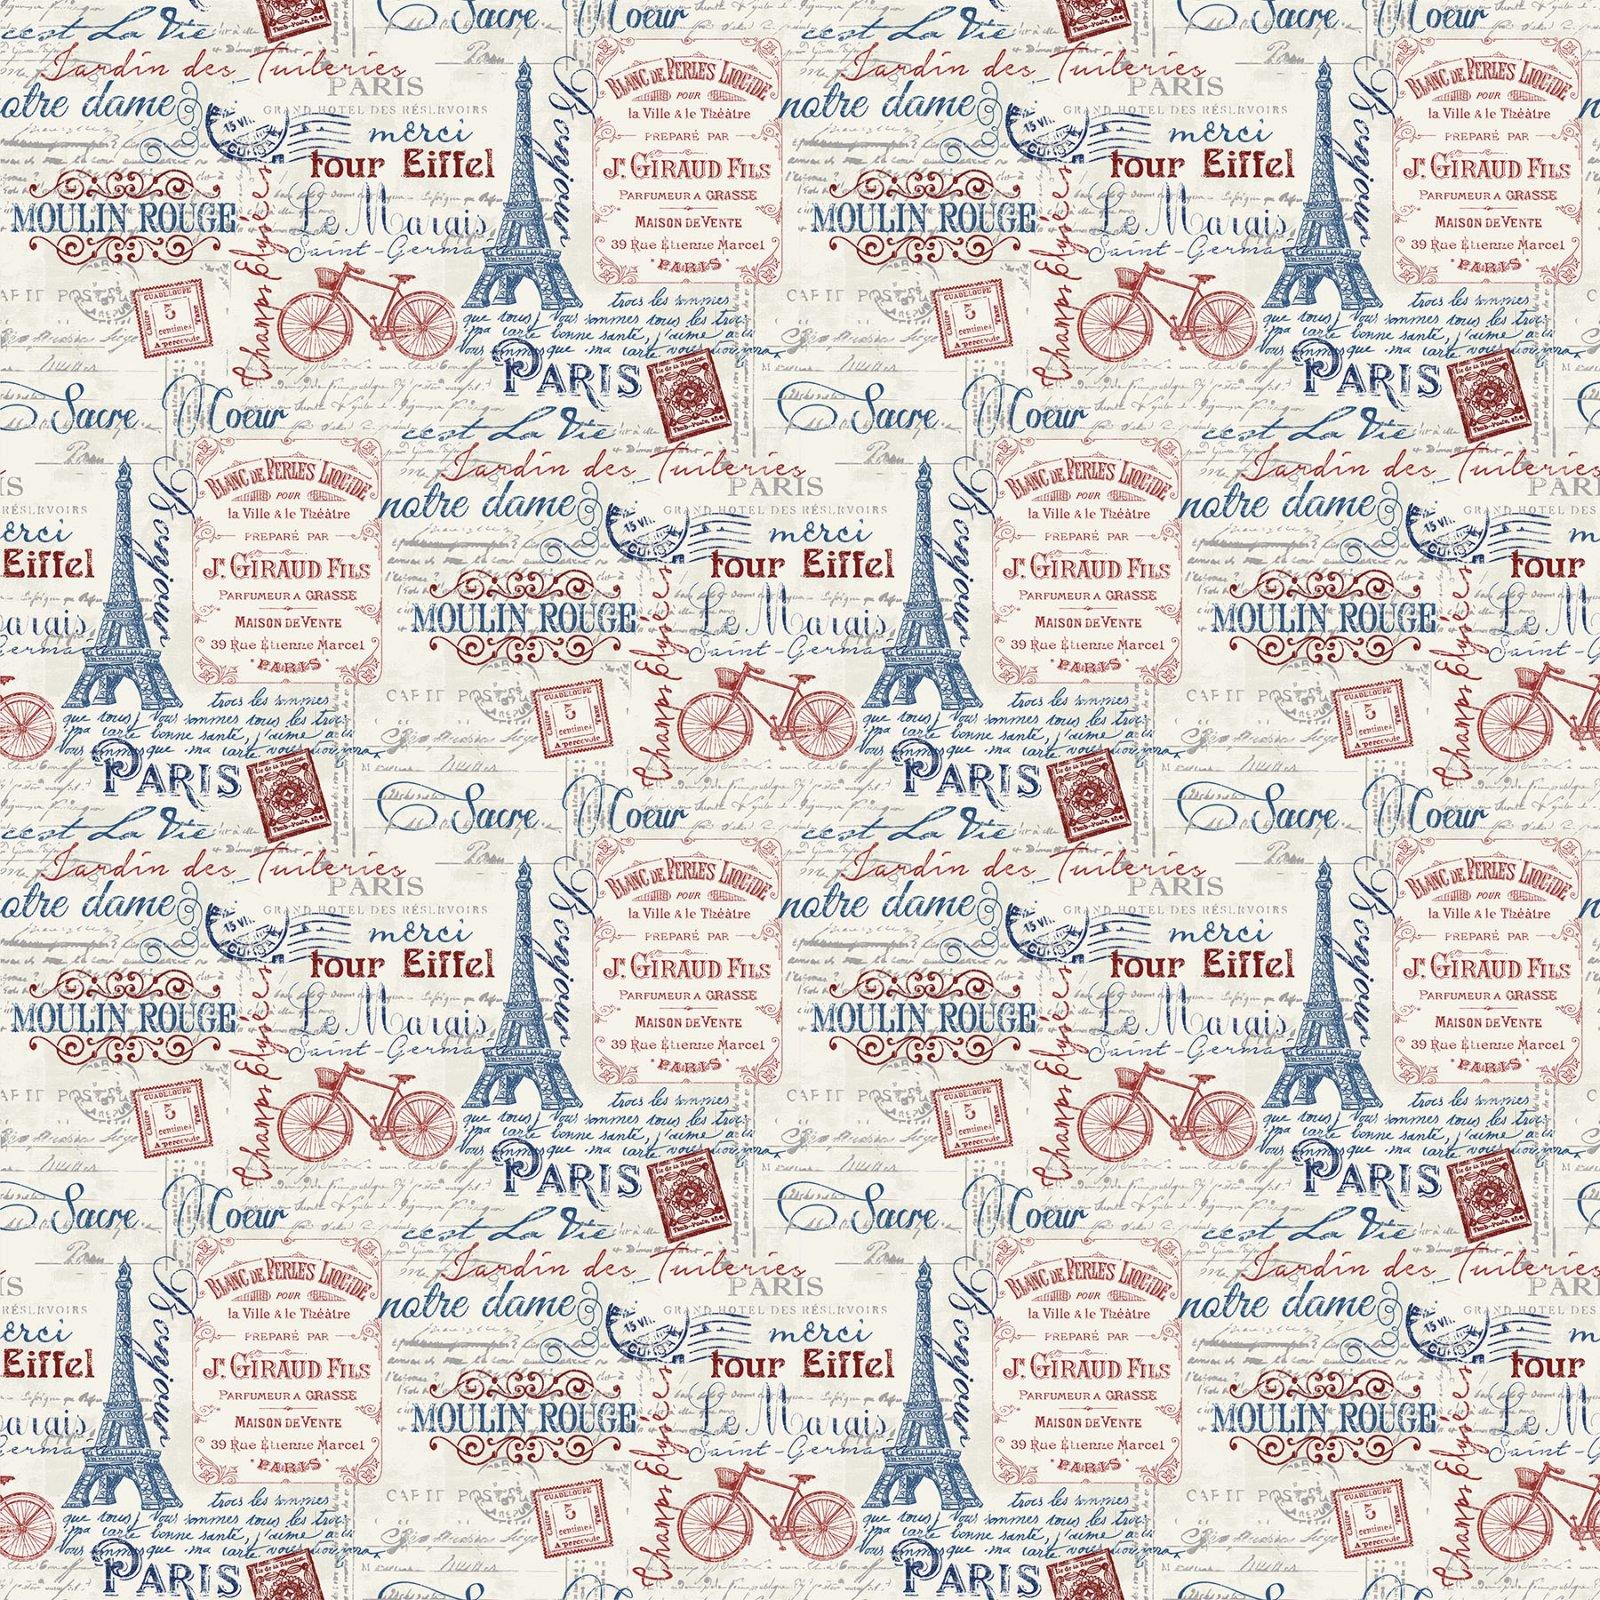 22355-12 Paris - Always a good idea!